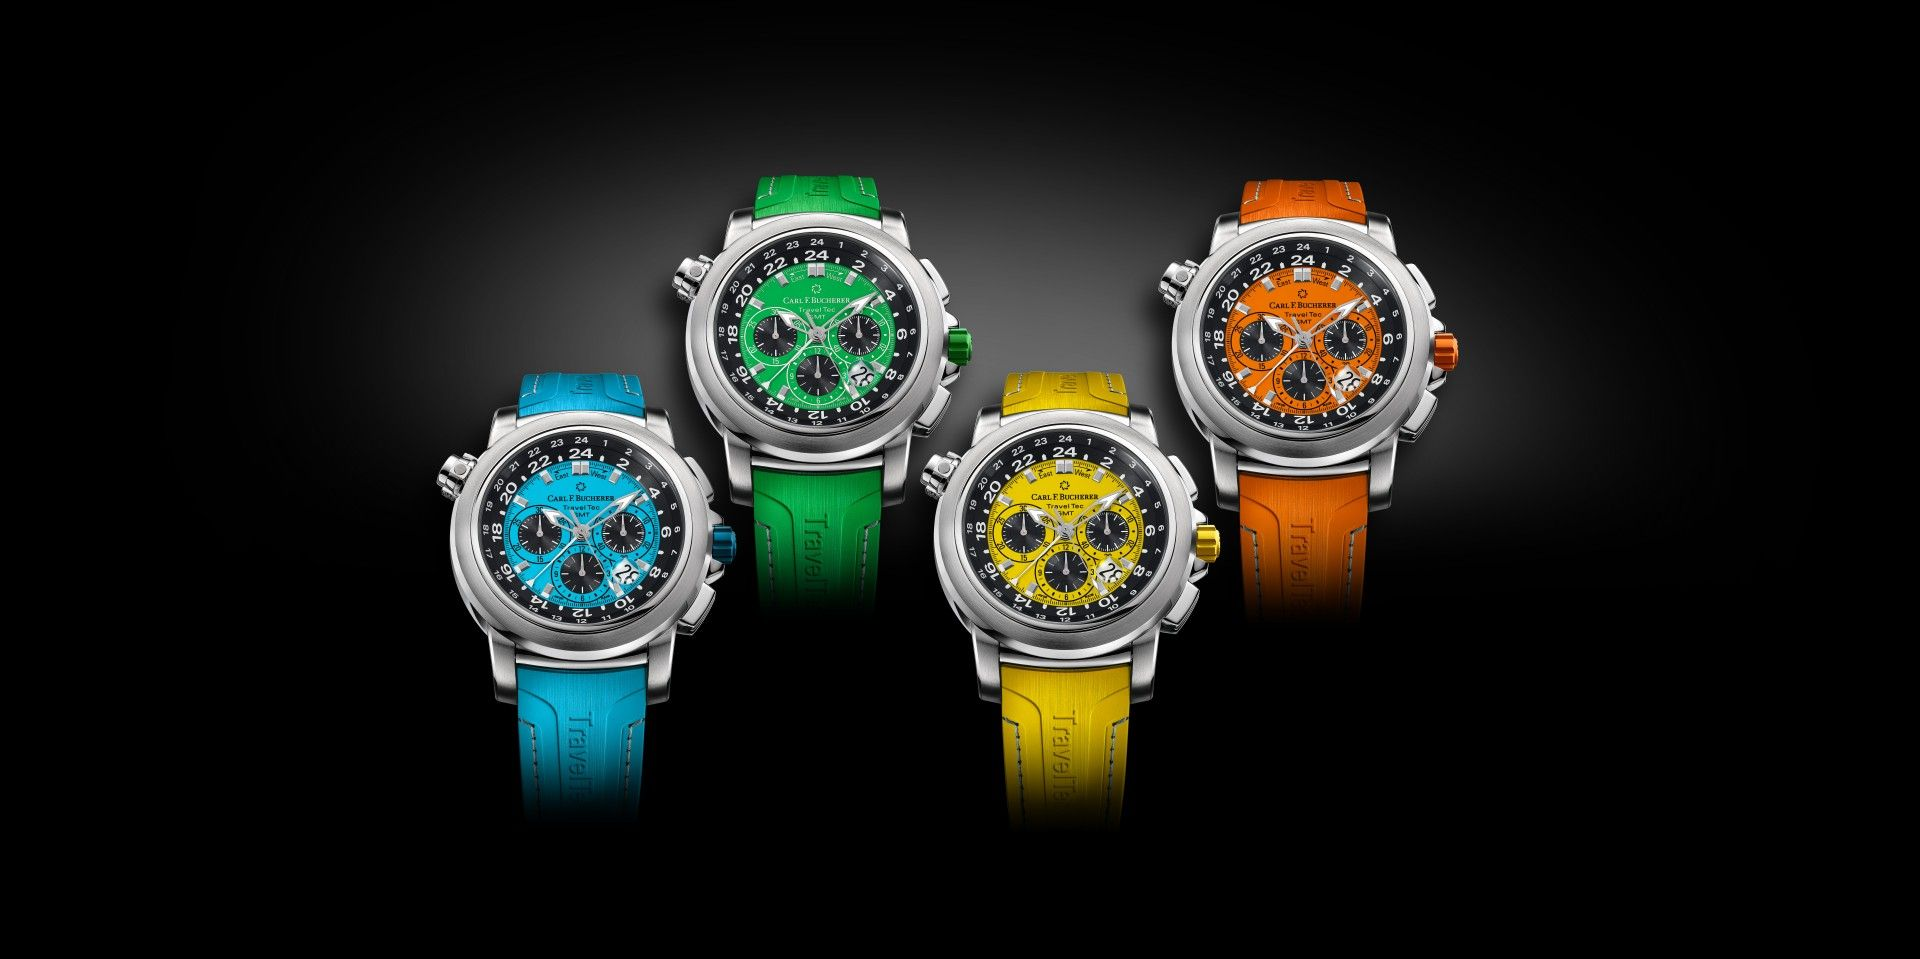 季節流轉 四色爭妍:寶齊萊 Patravi TravelTec 柏拉維三地時間計時碼錶彩色版